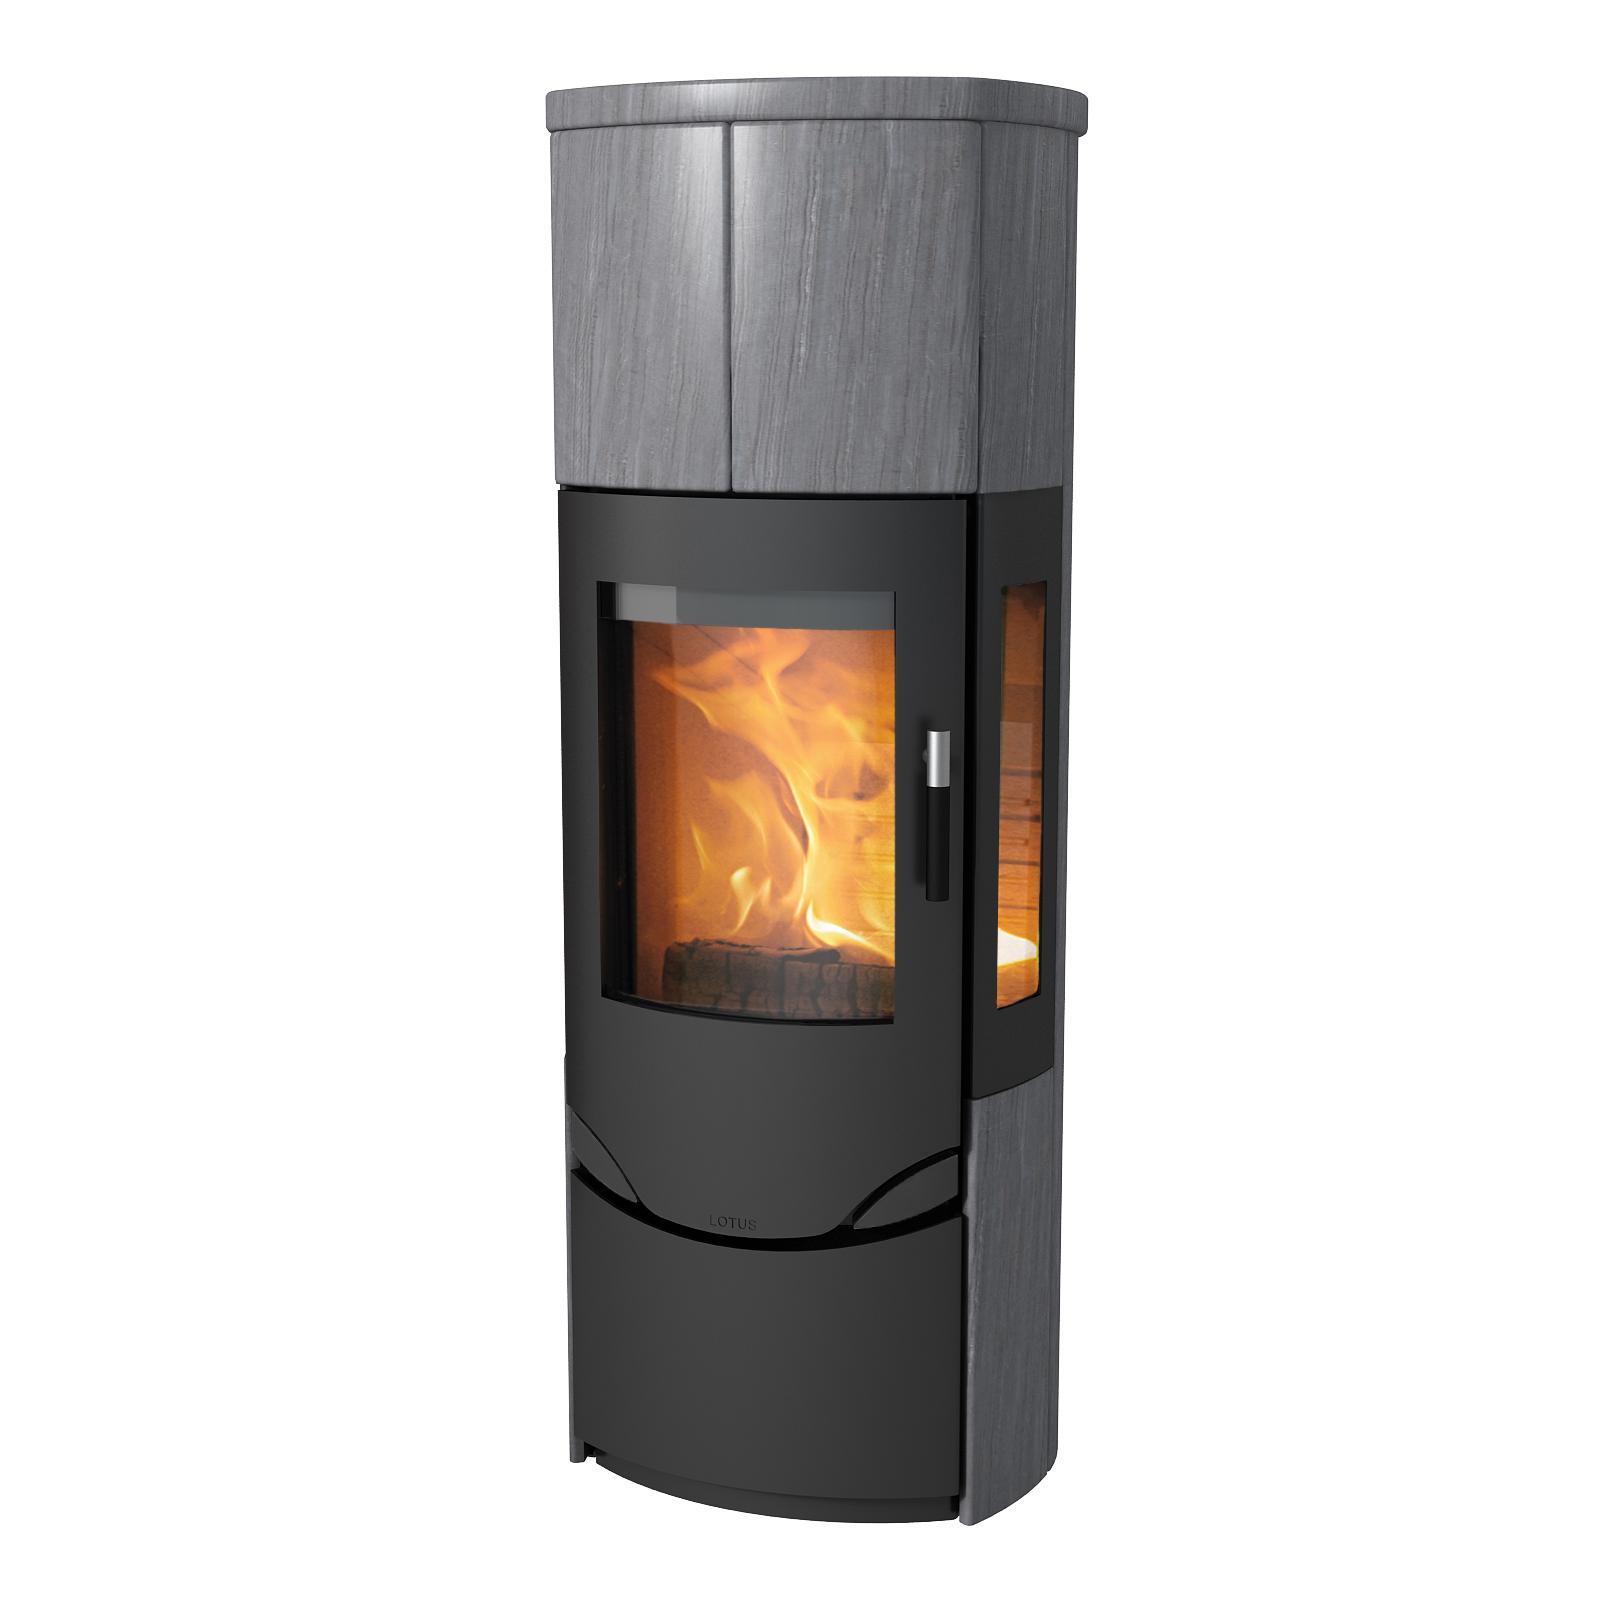 lotus prio m mit seitengl sern rudelmann feuer und design bodmann. Black Bedroom Furniture Sets. Home Design Ideas